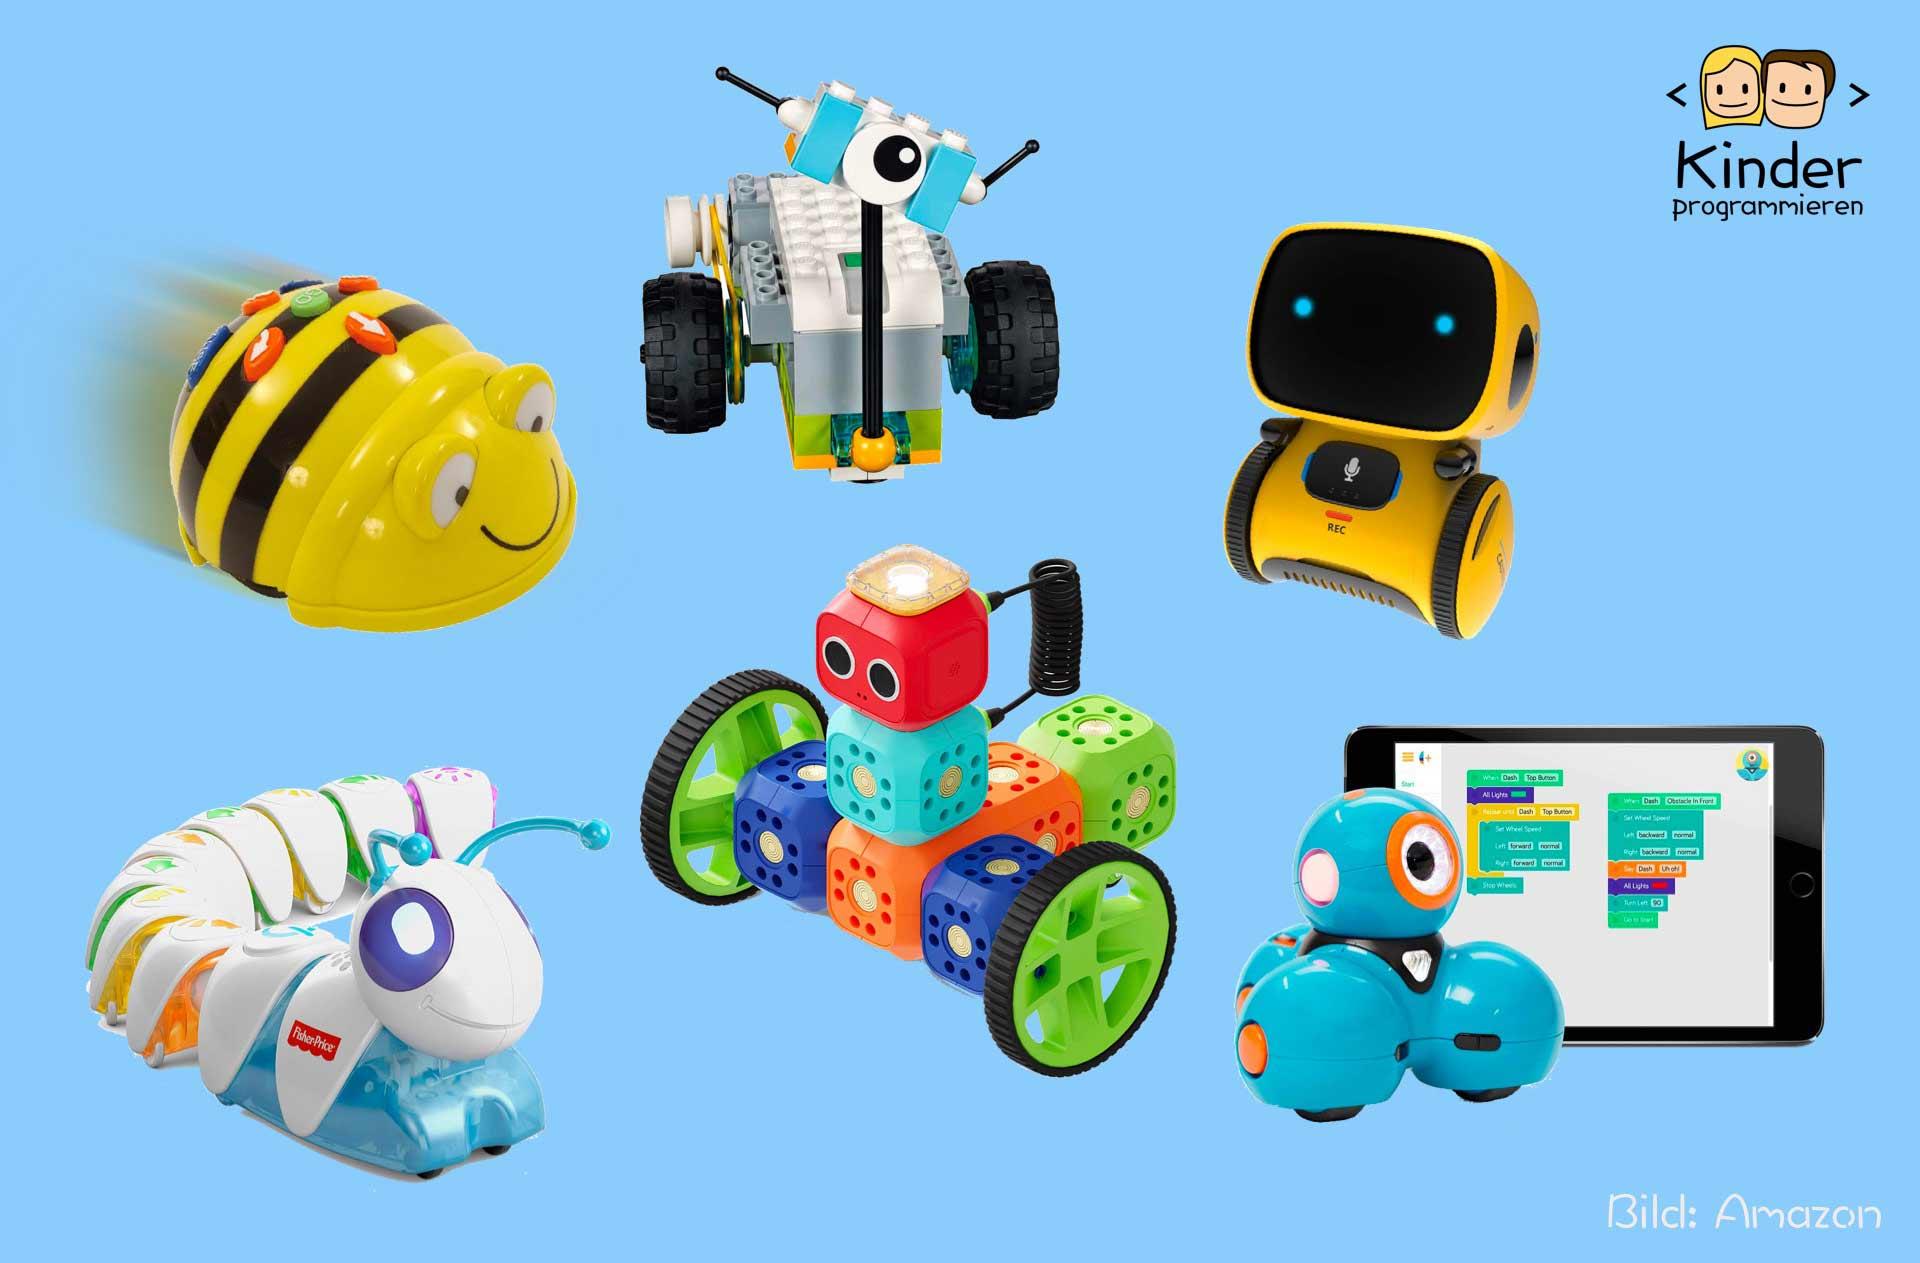 lernspielzeug sinnvolle geschenkideen für kinder ab 3 jahren